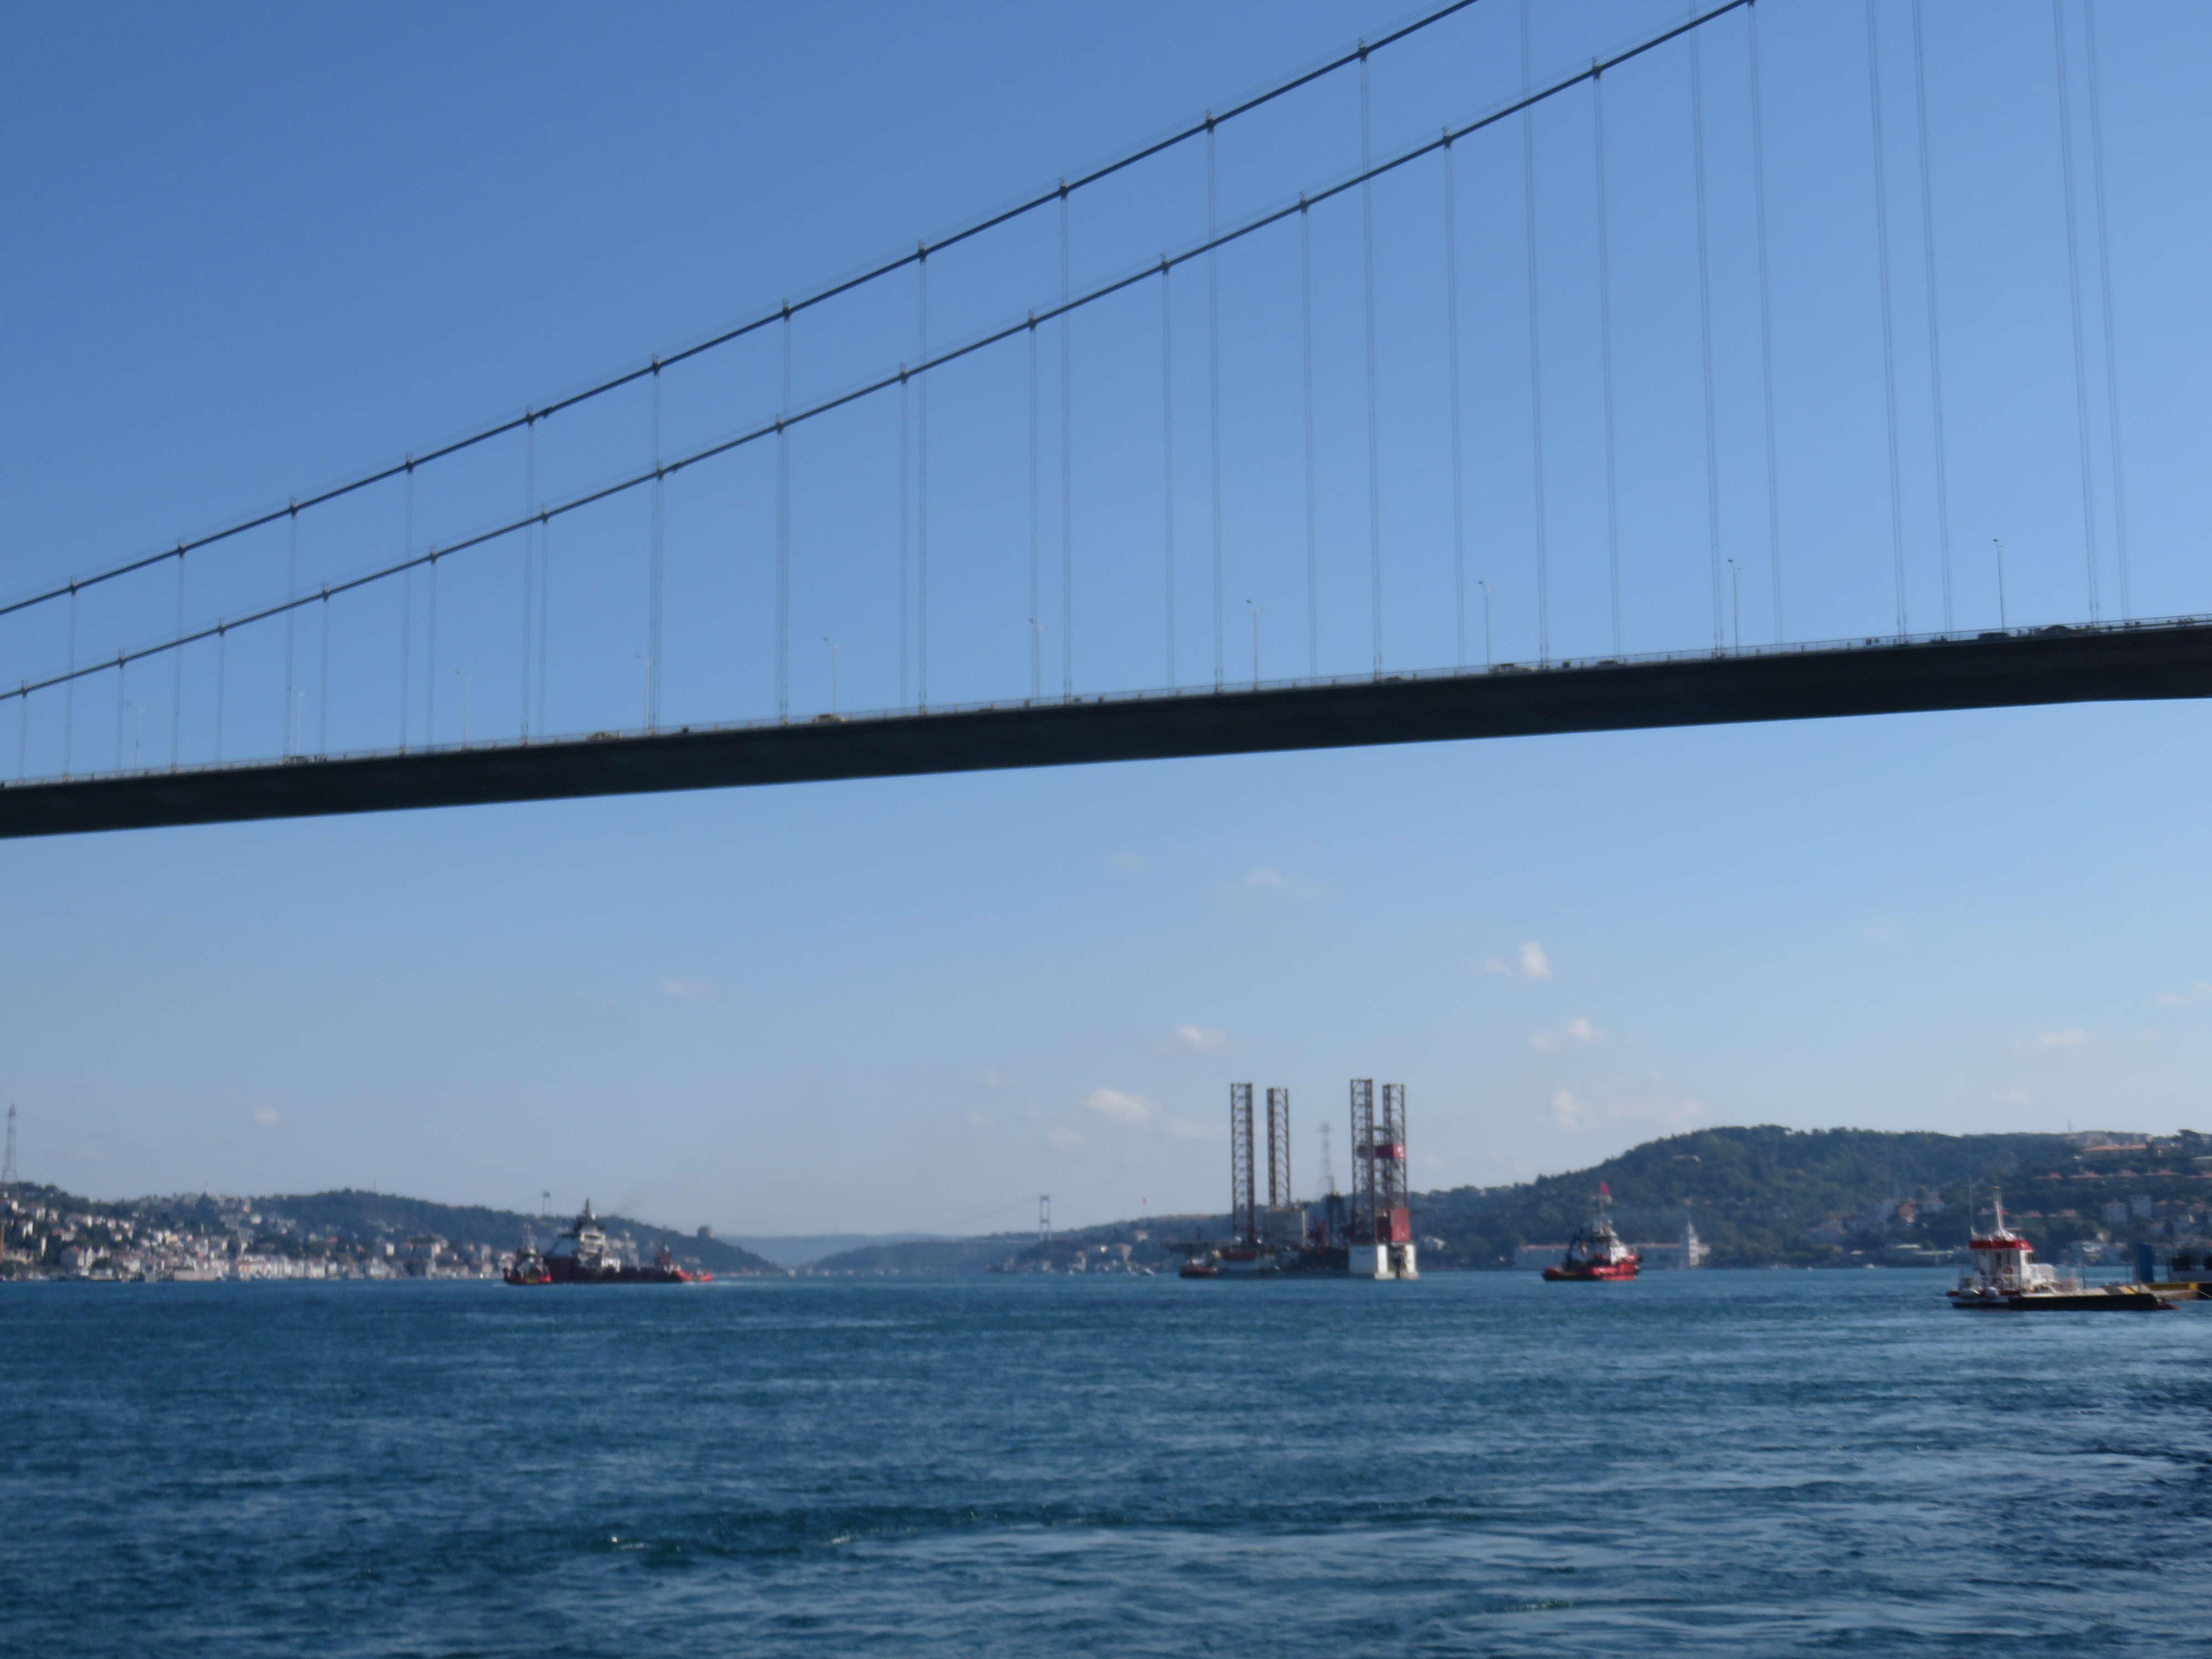 dev-petrol-platformu-istanbul-bogazindan-geciyor-1-5711-dhaphoto7.jpg